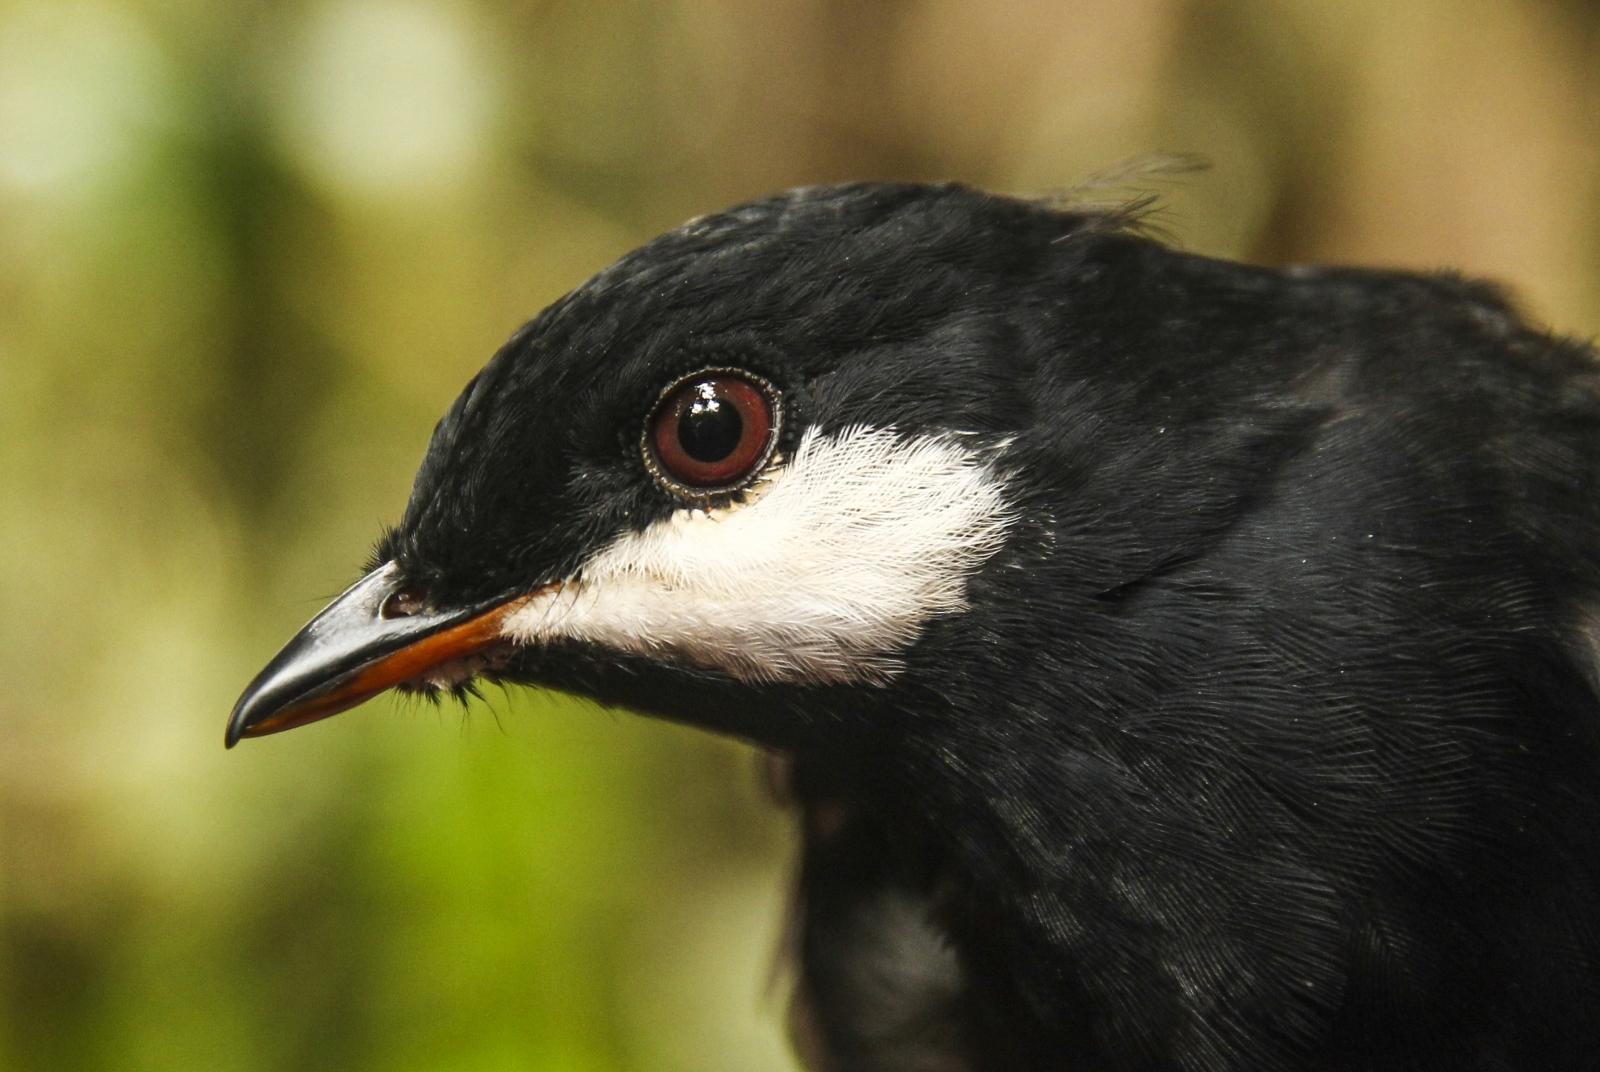 Habitat threatened